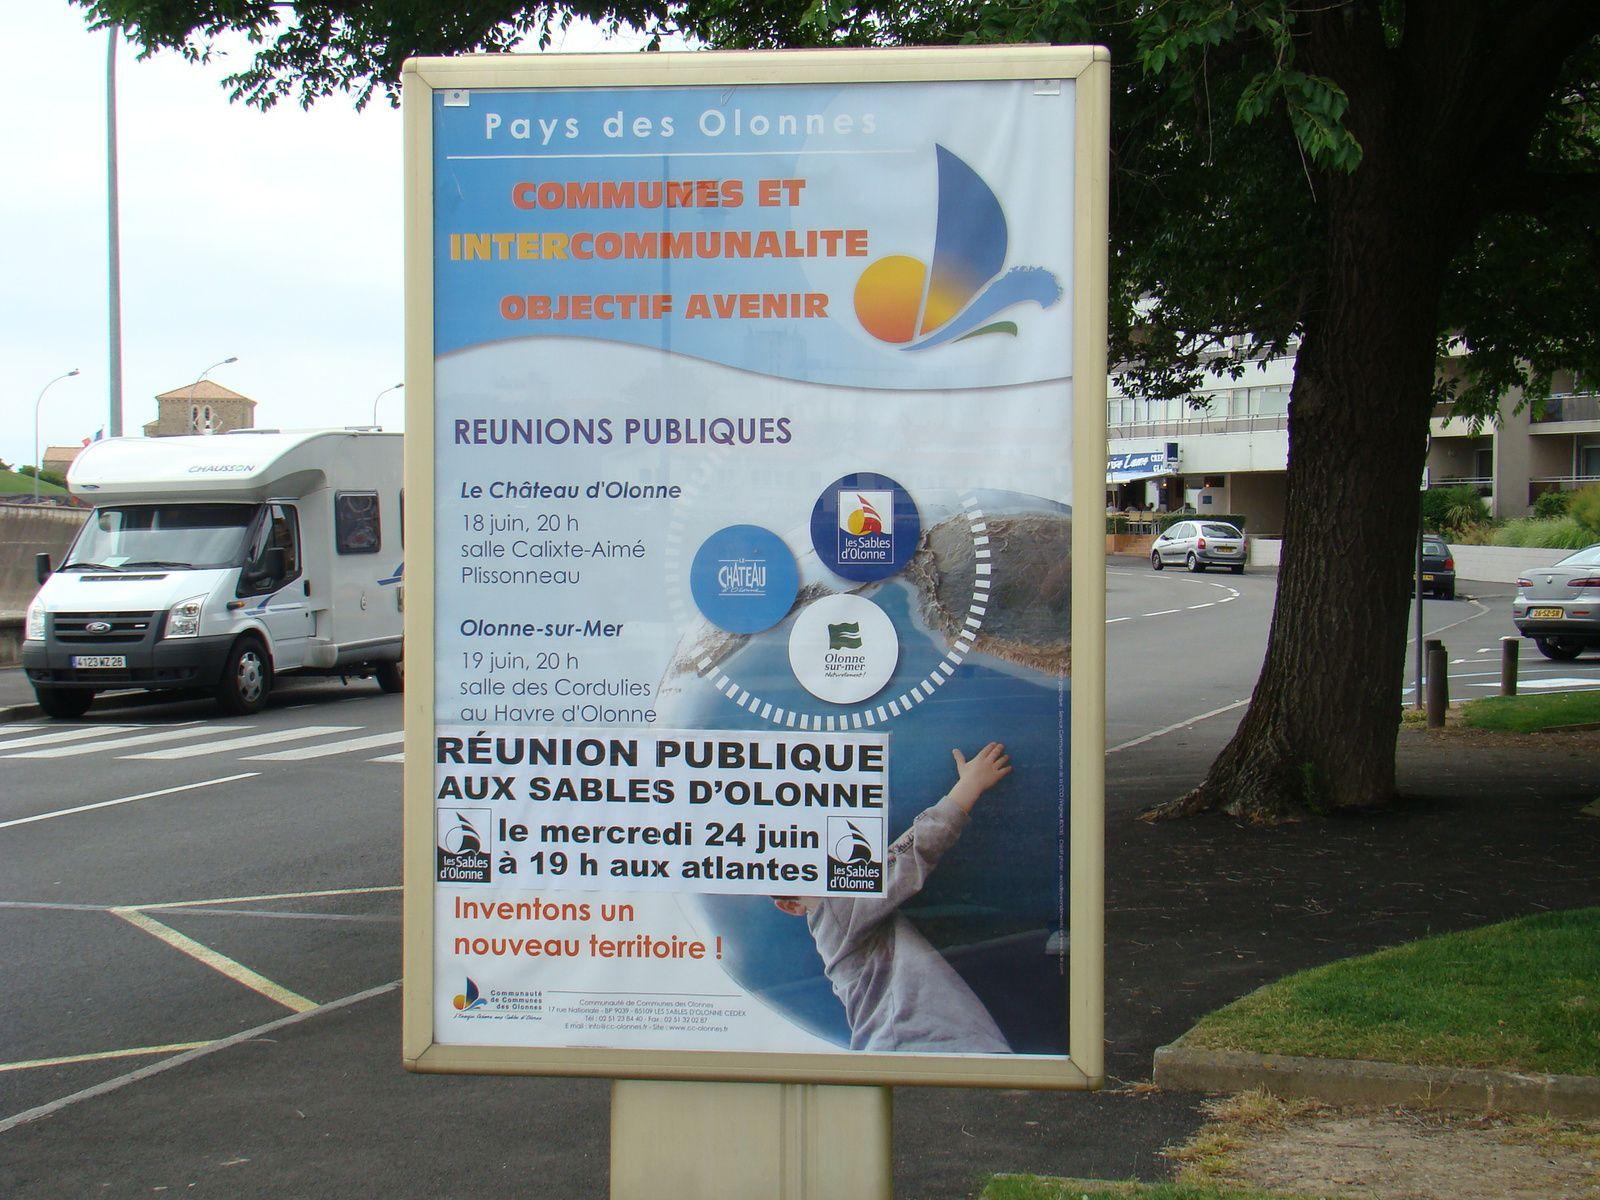 2009 : au Pays d'Olonne une consultation d'origine locale eut lieu sur la fusion ( sauf à Château d'Olonne)